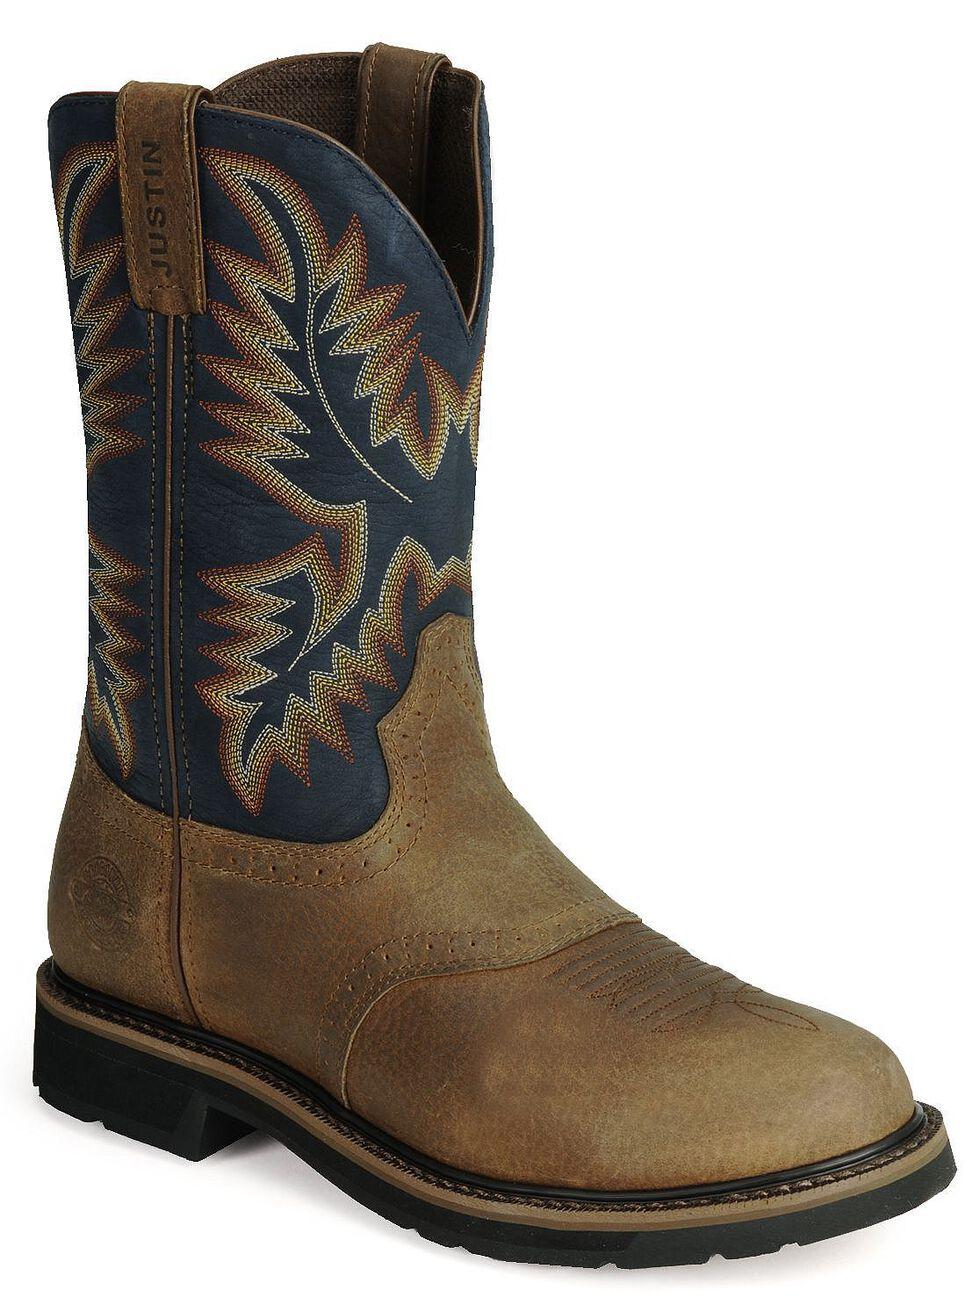 Justin Men's Stampede Superintendent Blue Work Boots - Soft Toe, Copper, hi-res